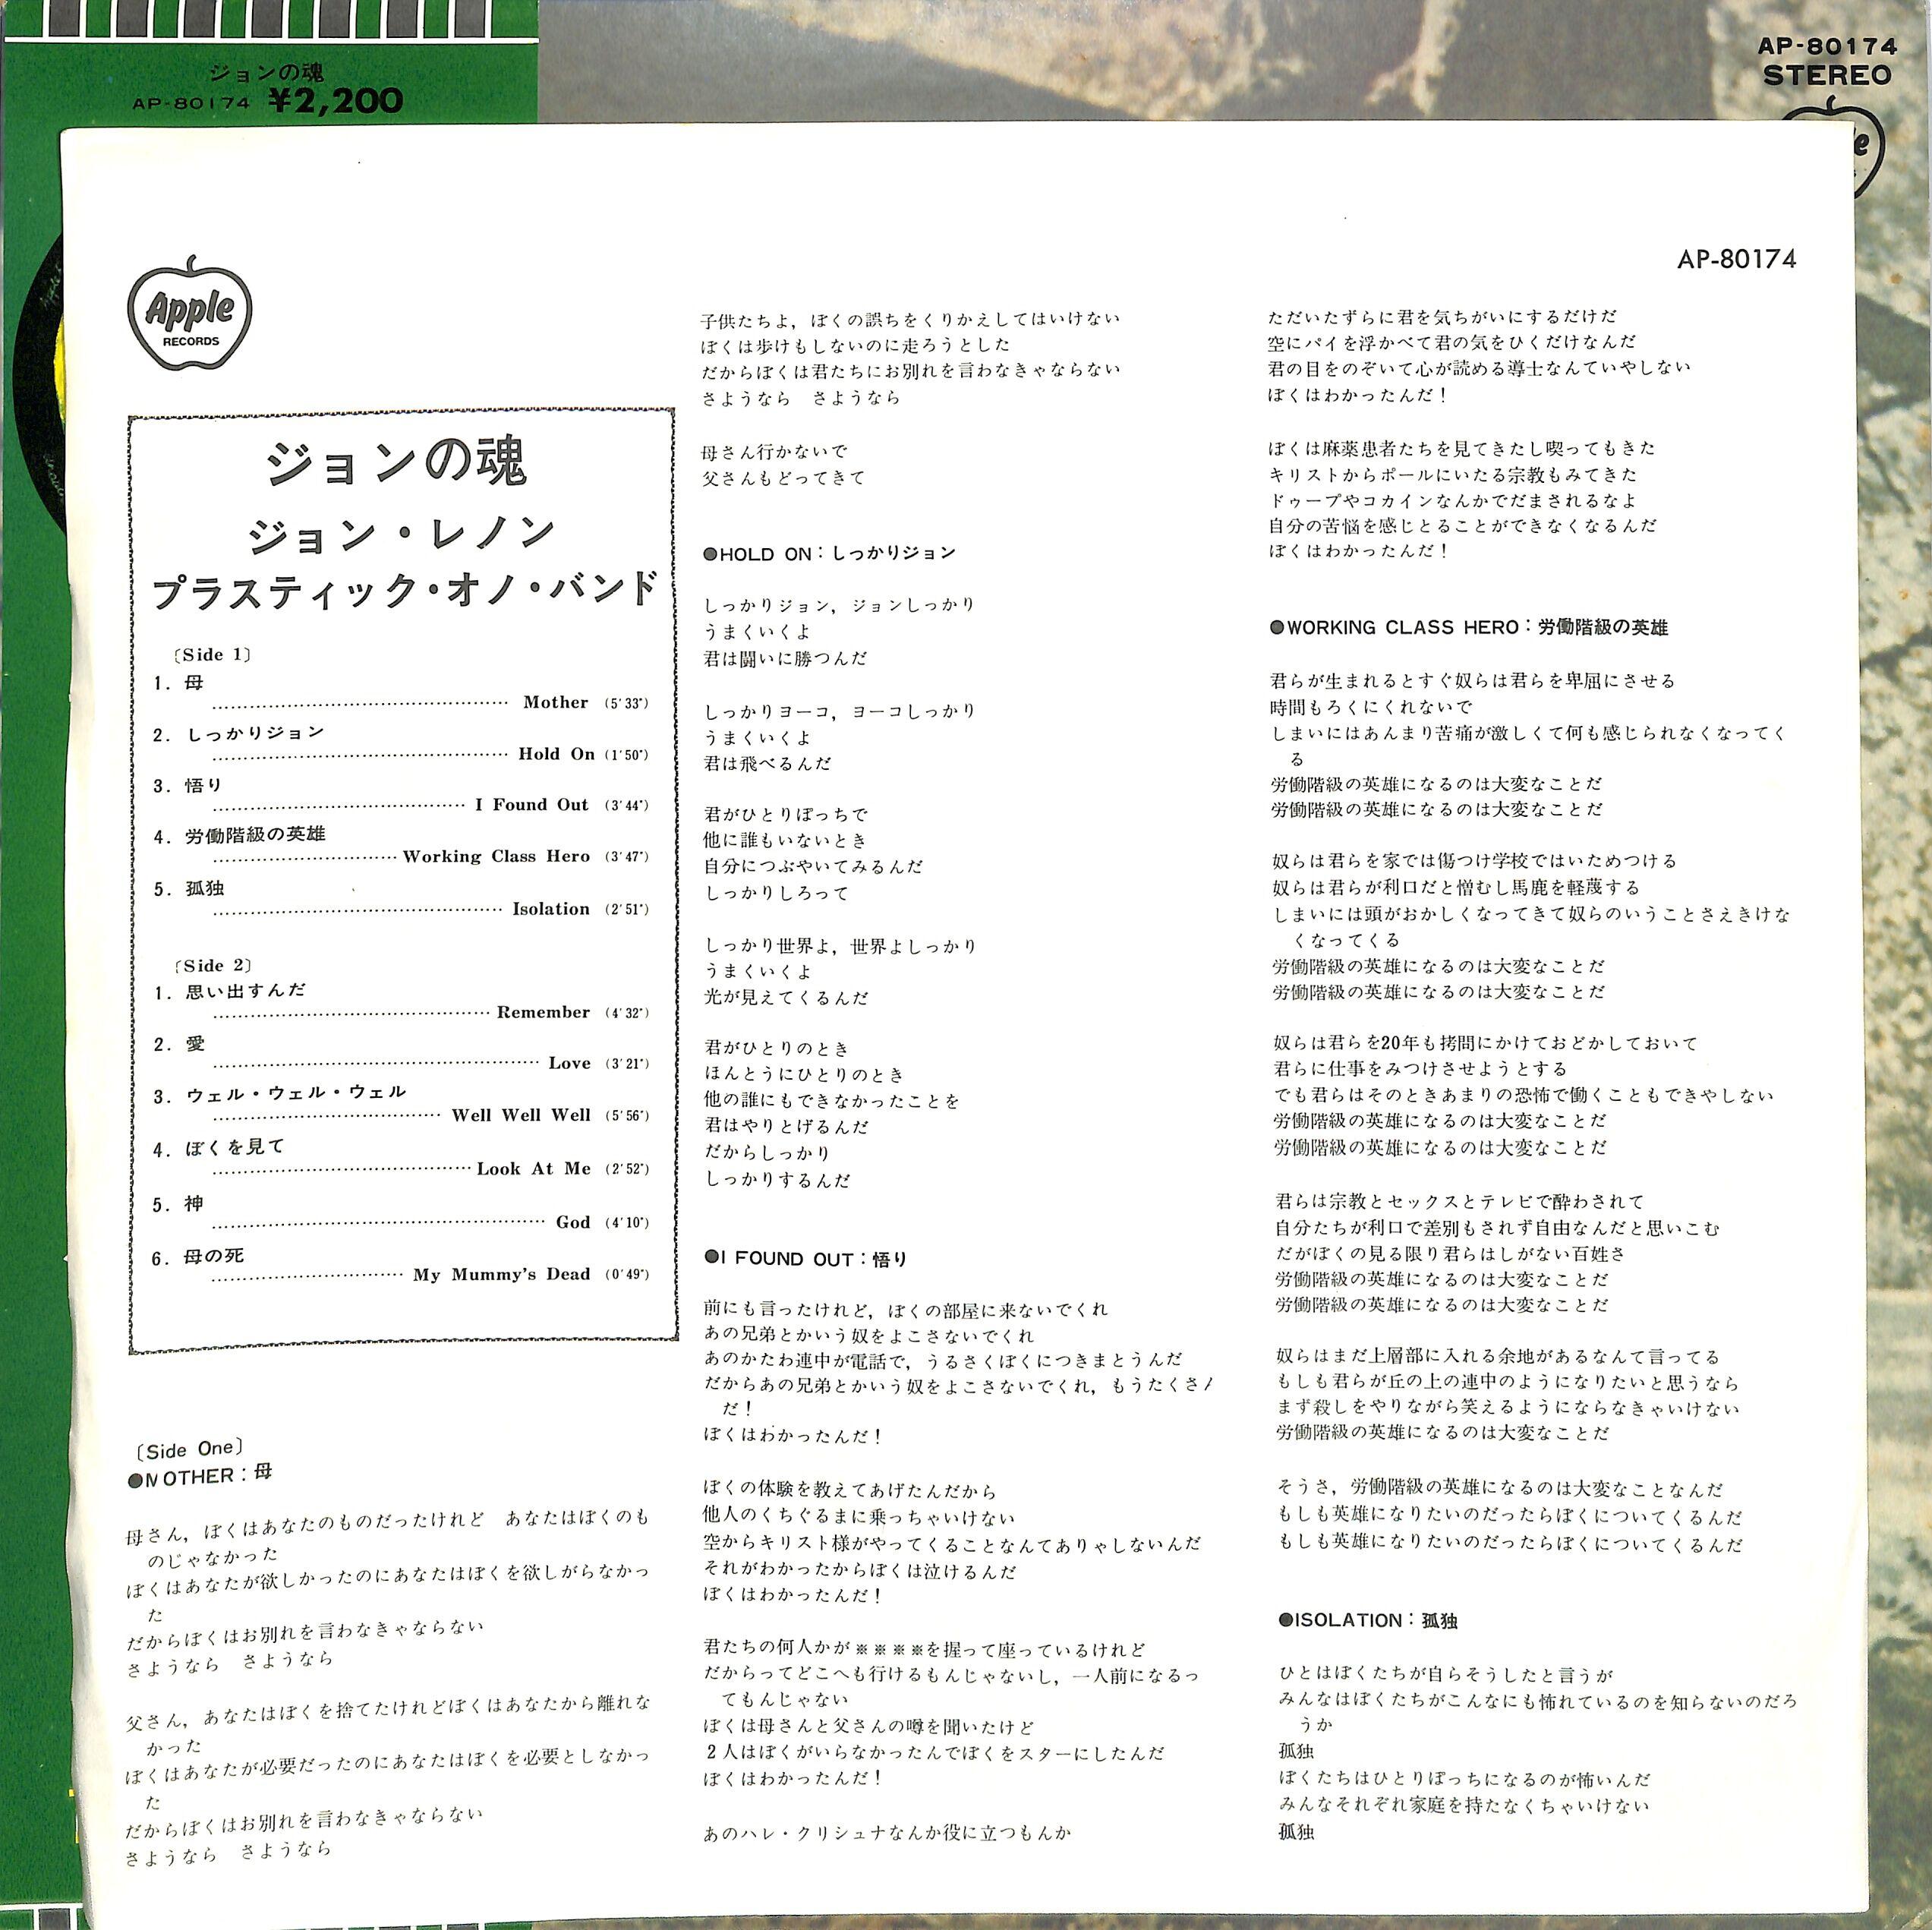 https://p1-e6eeae93.imageflux.jp/booksch/b6918ddf45310e347dd6.jpg